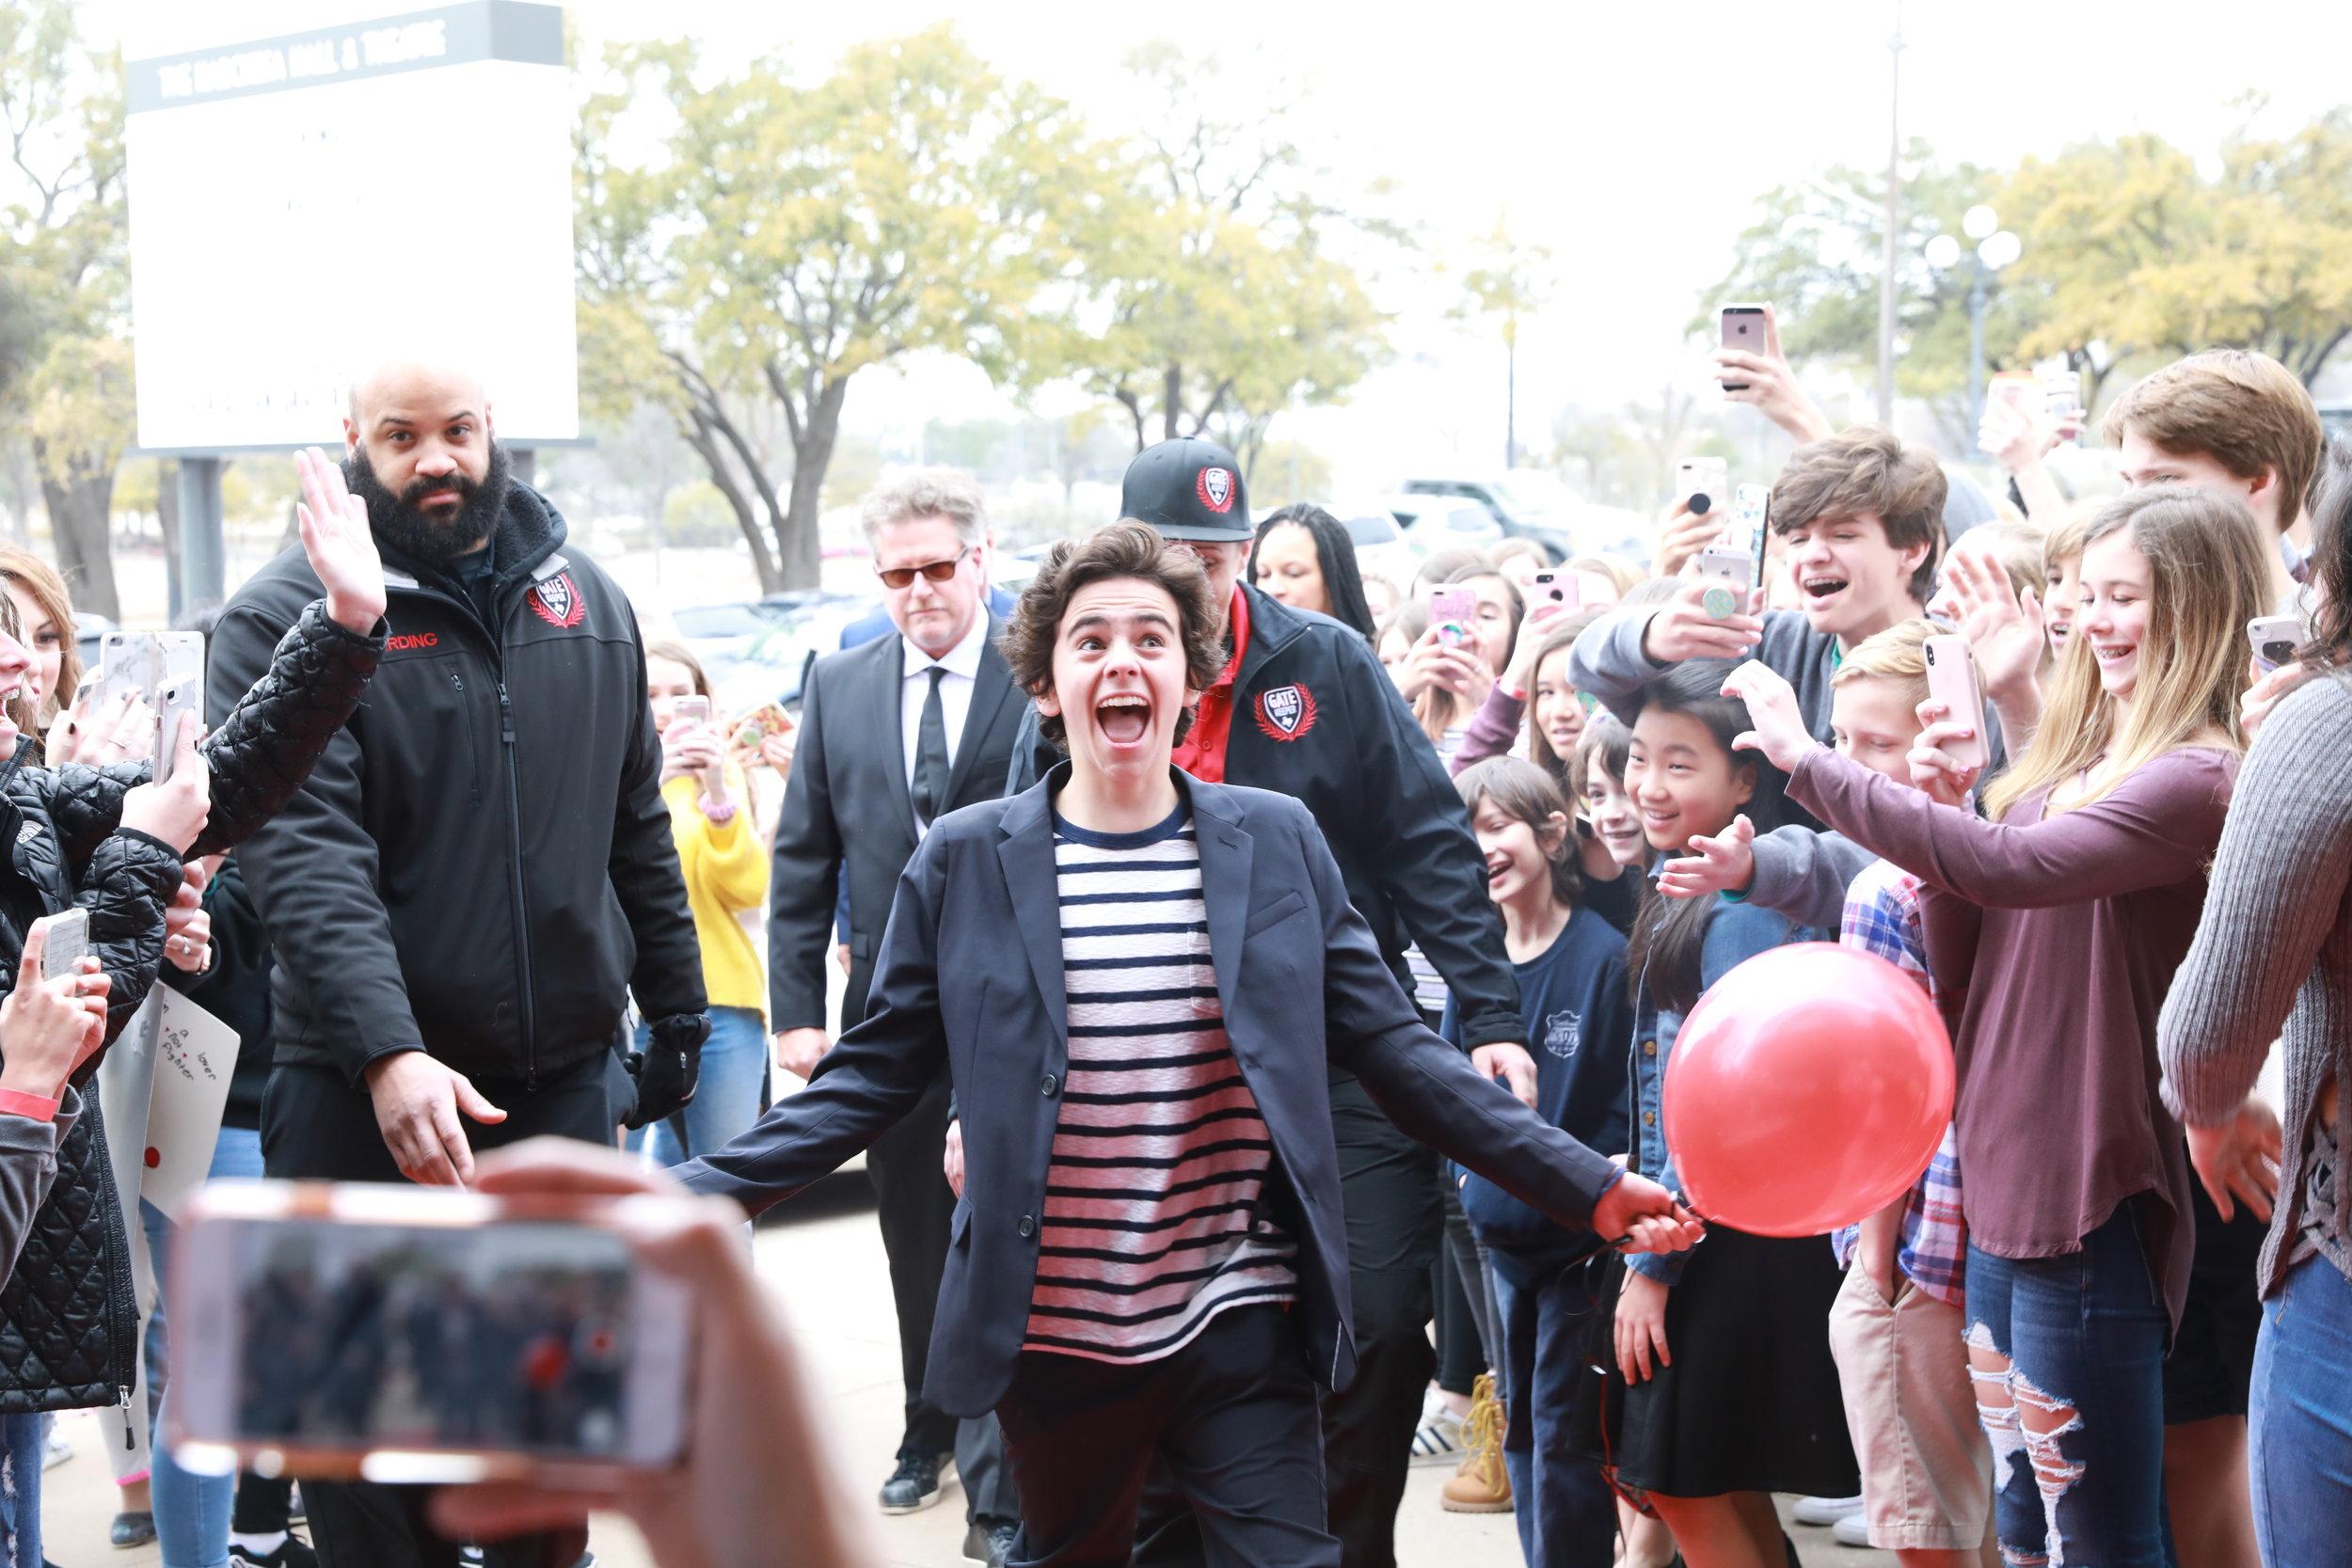 Jack Dylan Grazer at an ADDERLEY SCHOOL event in Austin.